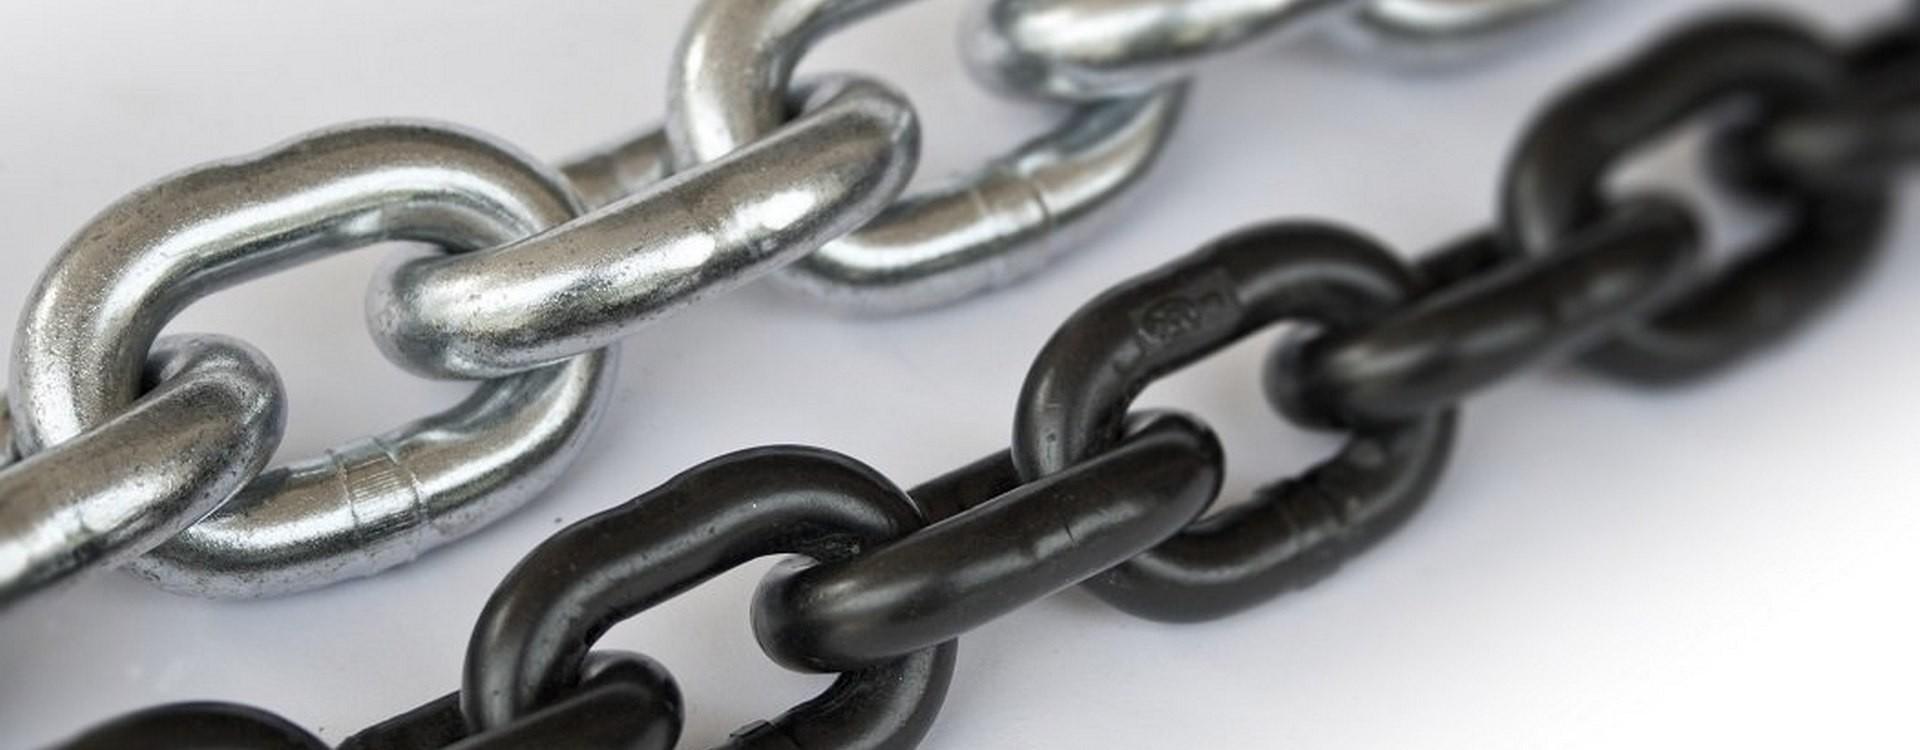 Jak se měří článkové řetězy?